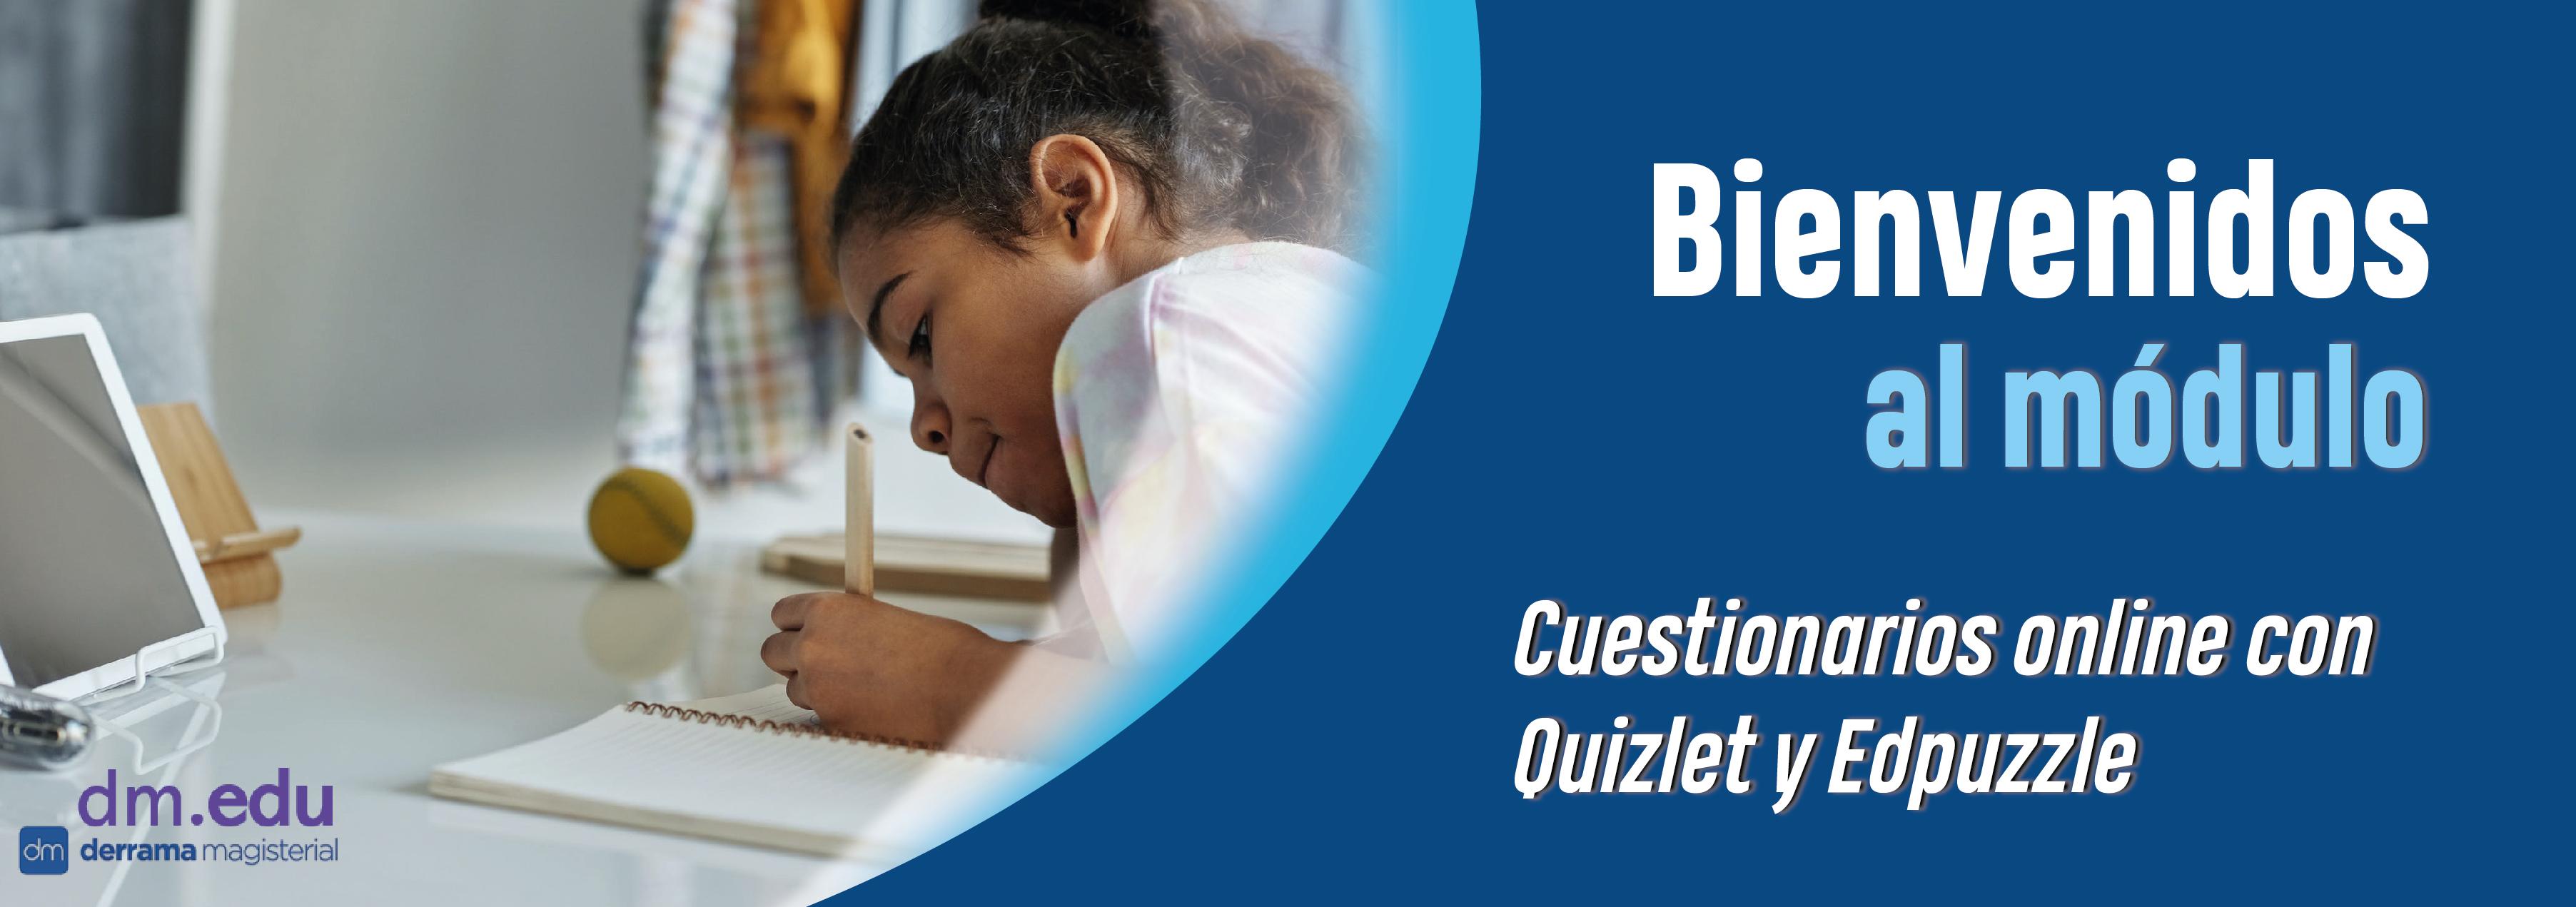 Cuestionarios online con Quizlet y Edpuzzle